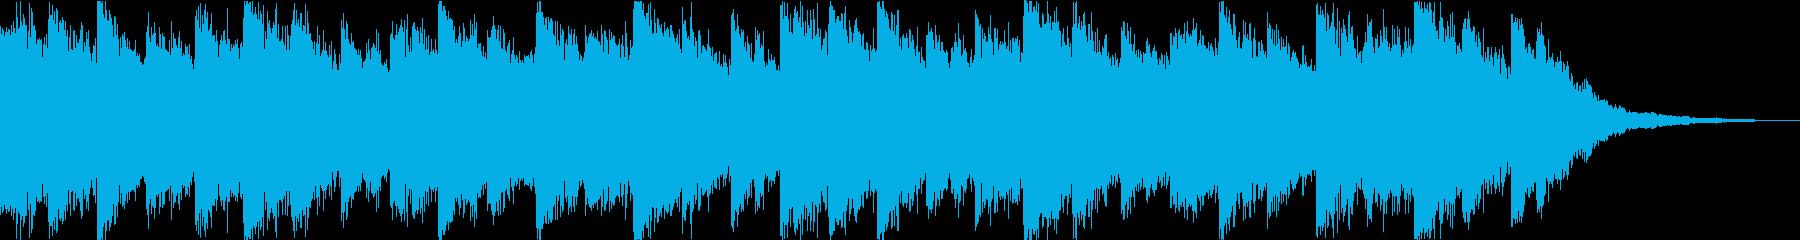 海中系のヒーリング曲 瞑想 癒しの再生済みの波形